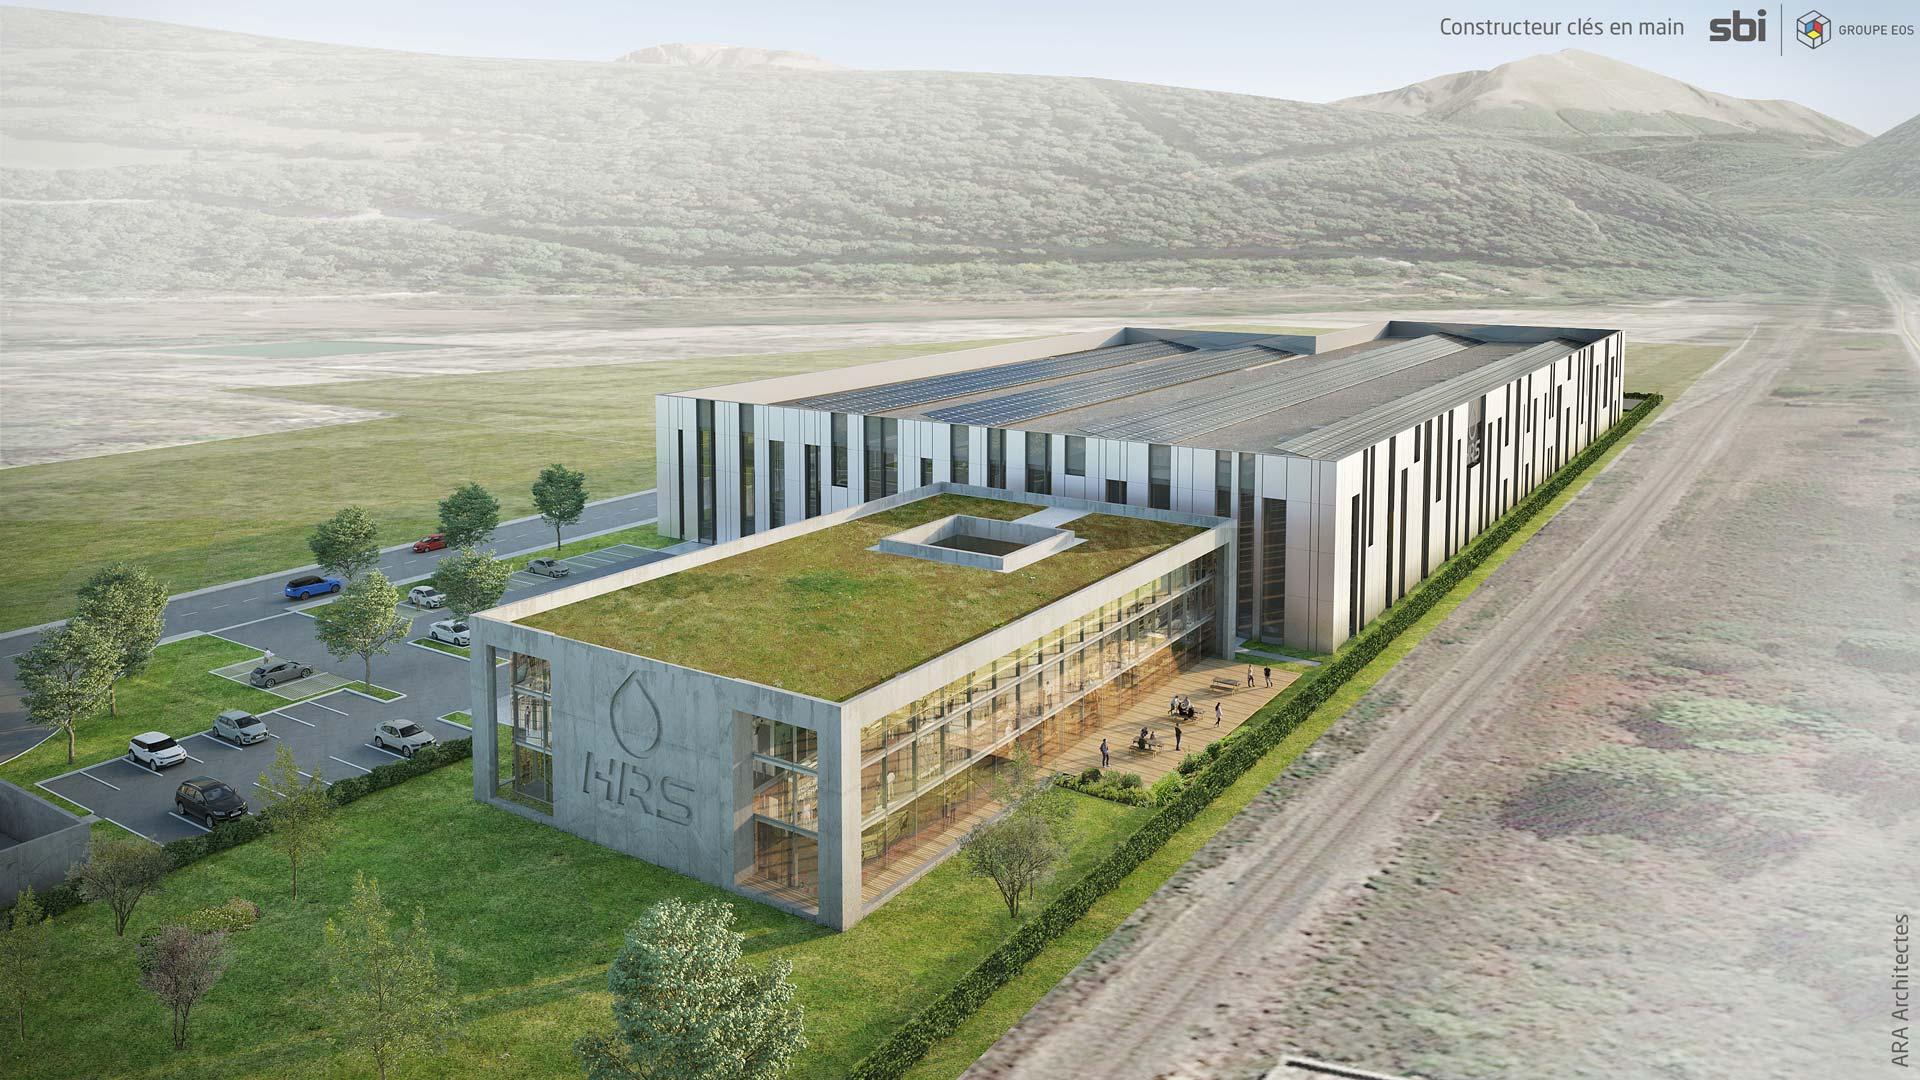 Nouvelle usine HRS à Champagnier en Isère - 38 - France